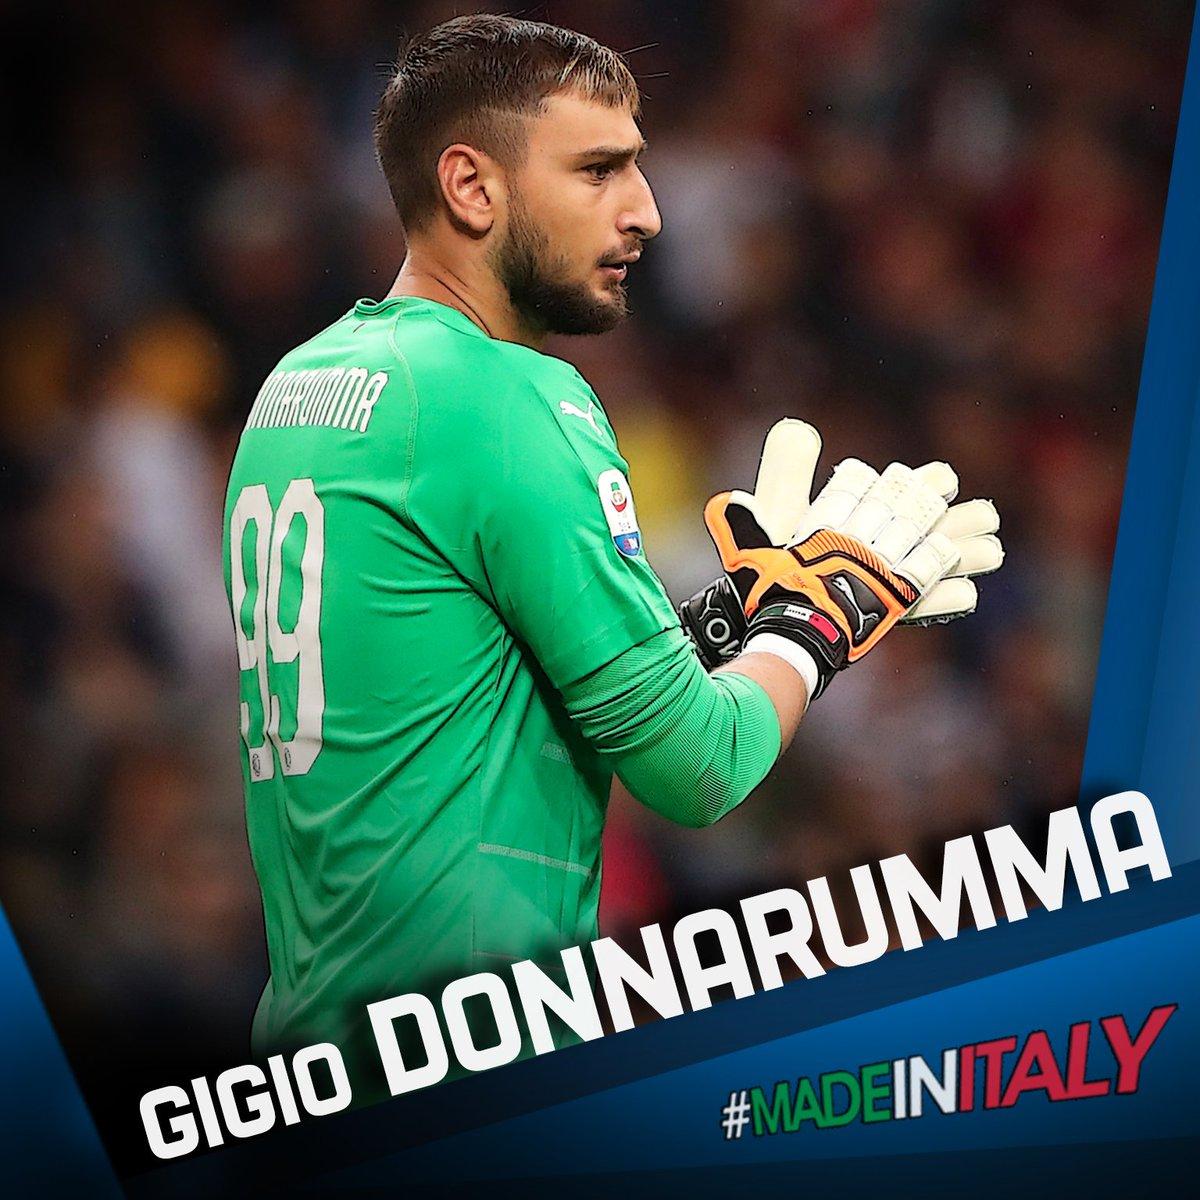 #MadeInItaly 🇮🇹 💙#Azzurrini in #campionato: #Donnarumma raggiunge le 150 presenze con il Milan portando a casa l'ennesimo clean sheet ➡️ L'articolo: http://bit.ly/2TI1wYc  #VivoAzzurro